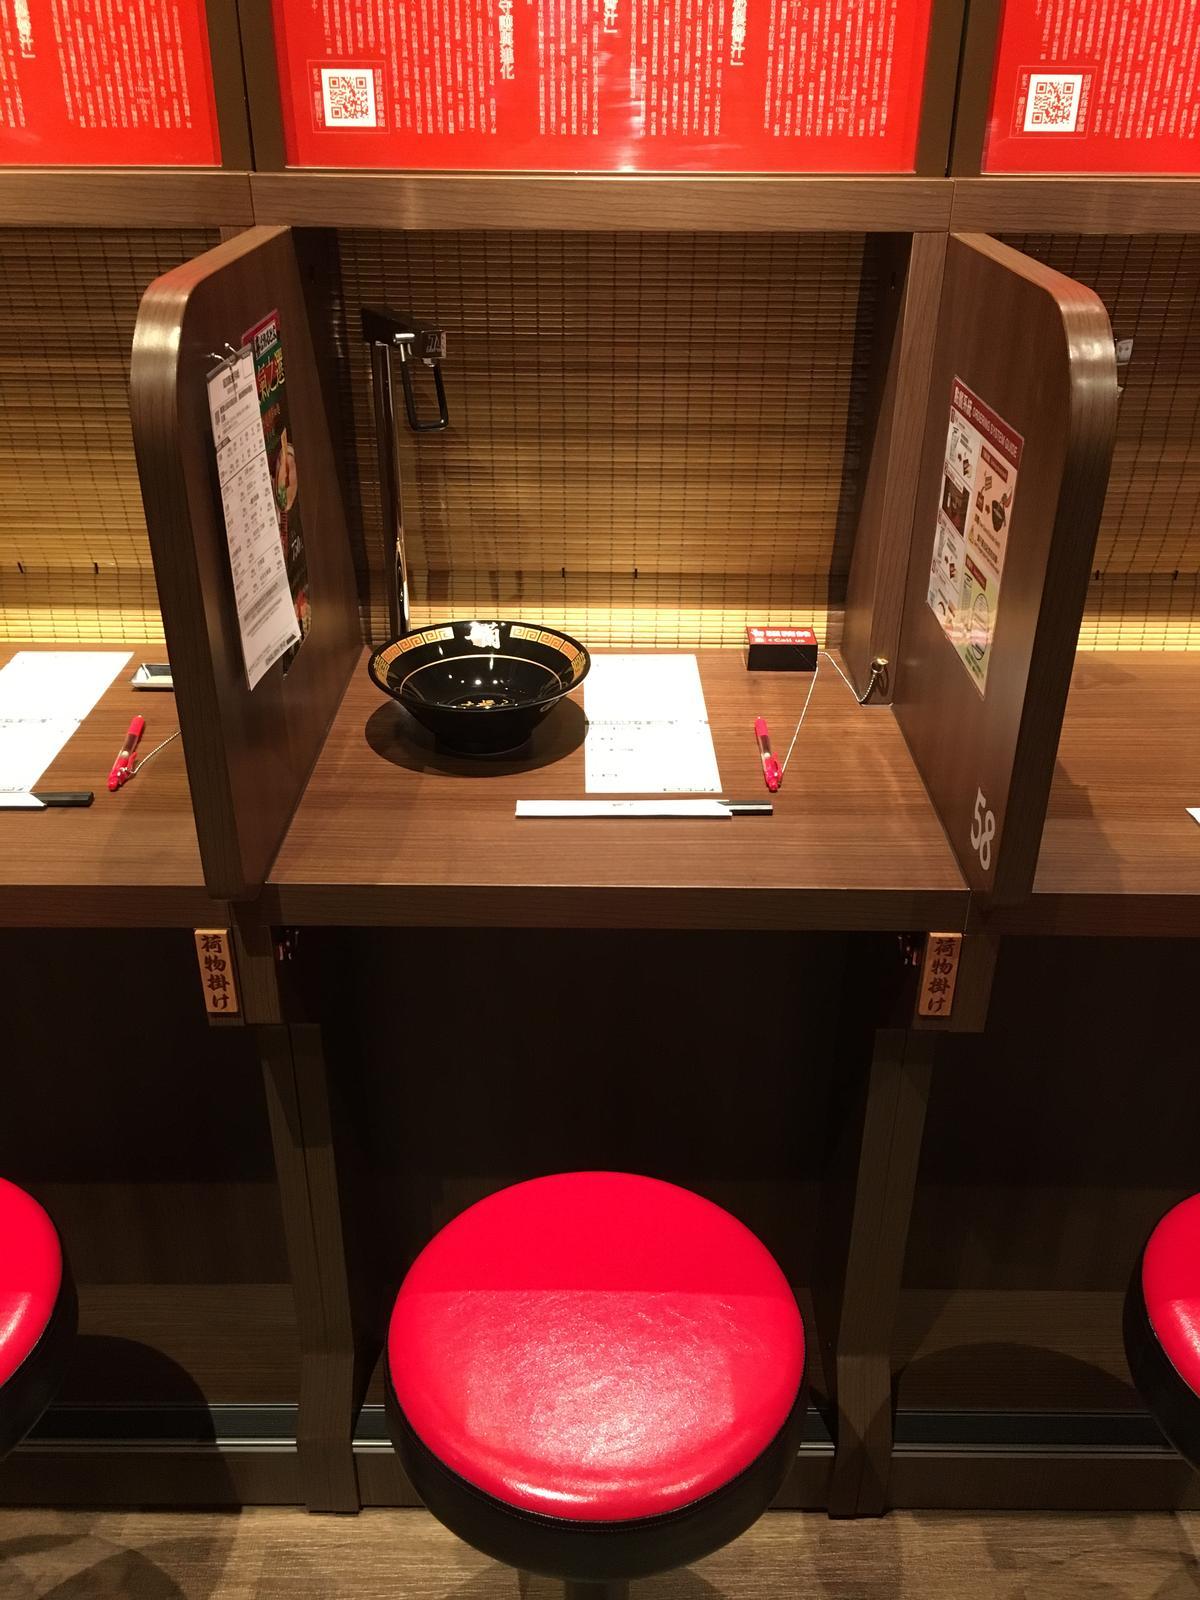 「味集中座位」的設計是希望客人專注品嘗拉麵的口感。